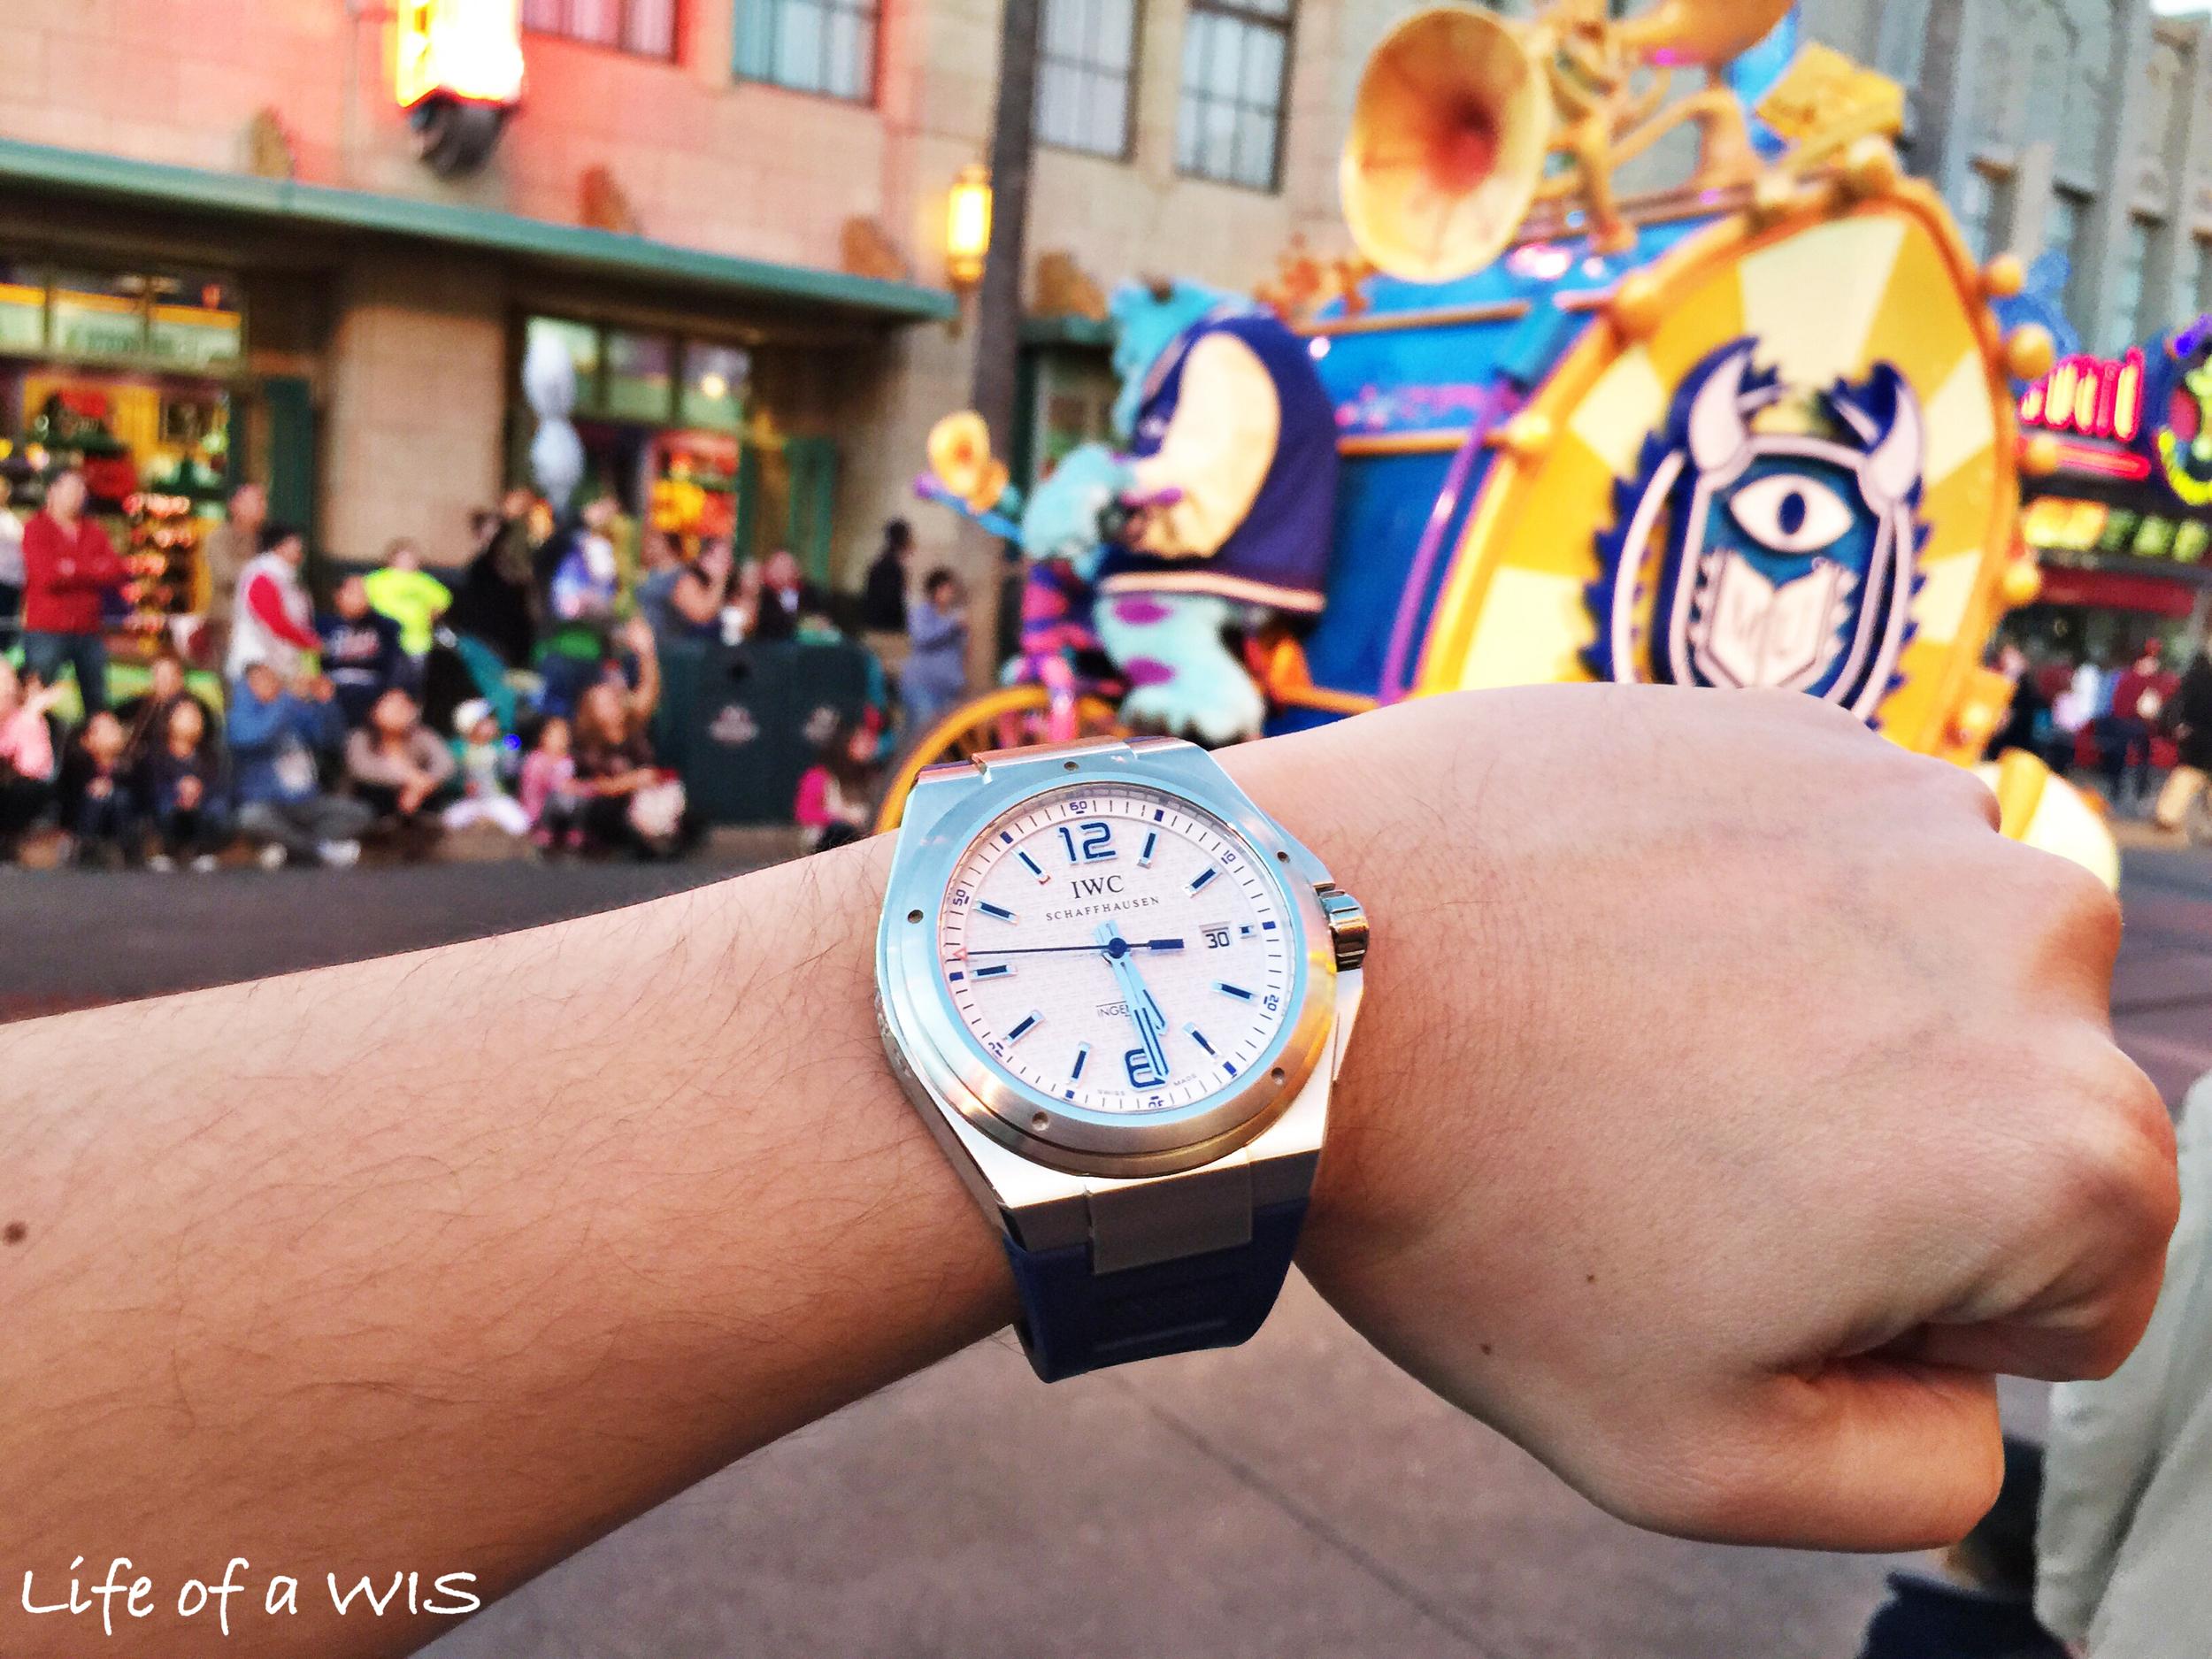 Pixar's Parade